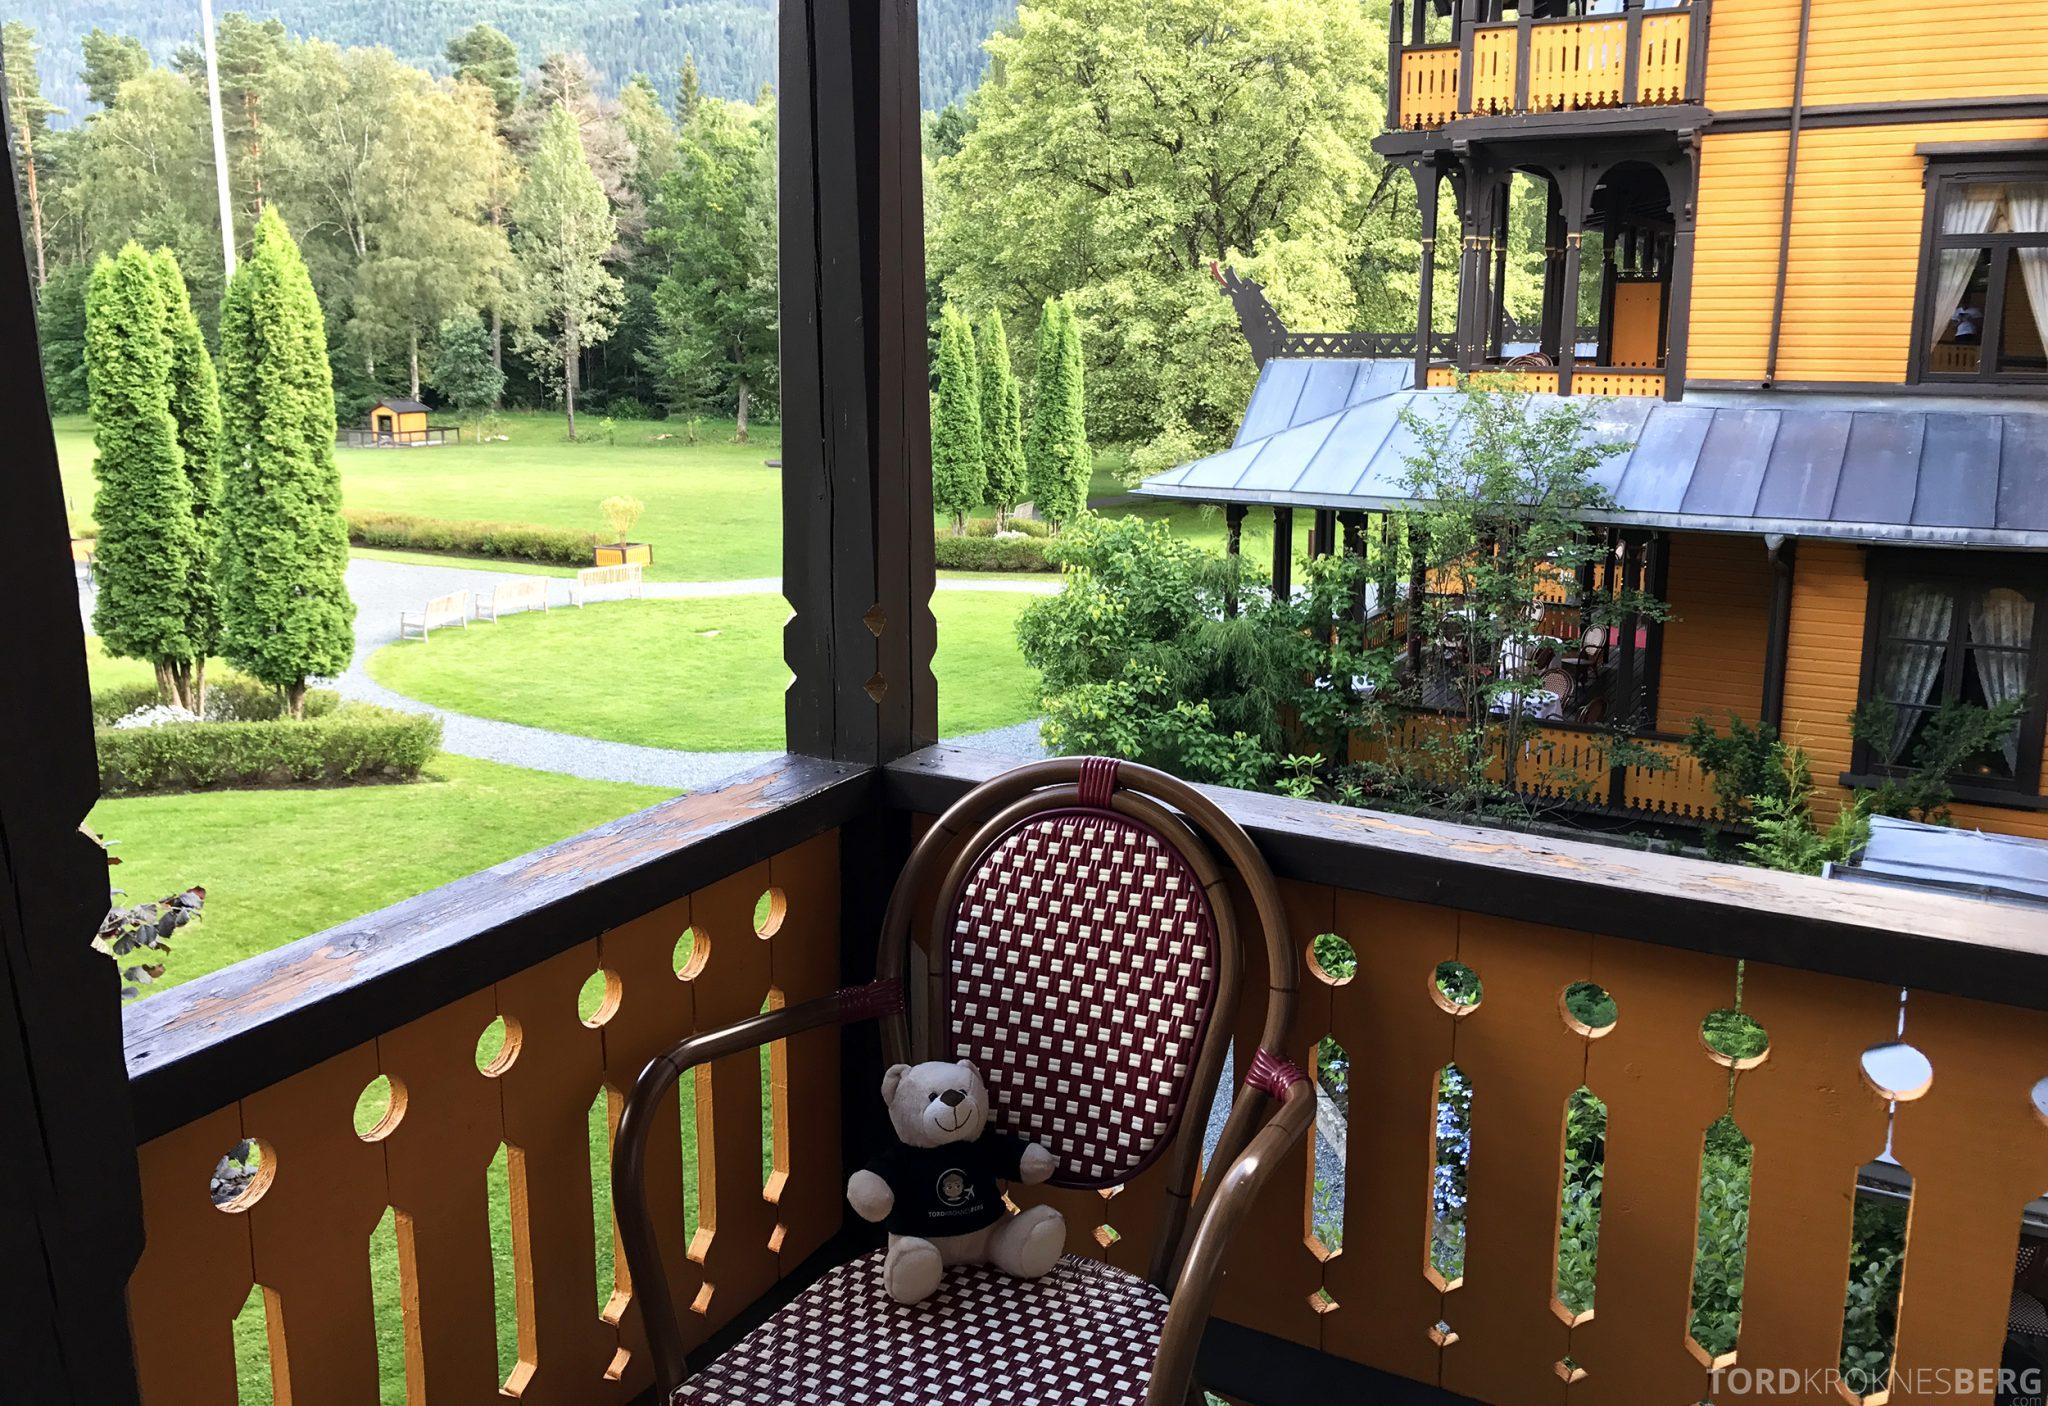 Dalen Hotel Telemark reisefølget balkong